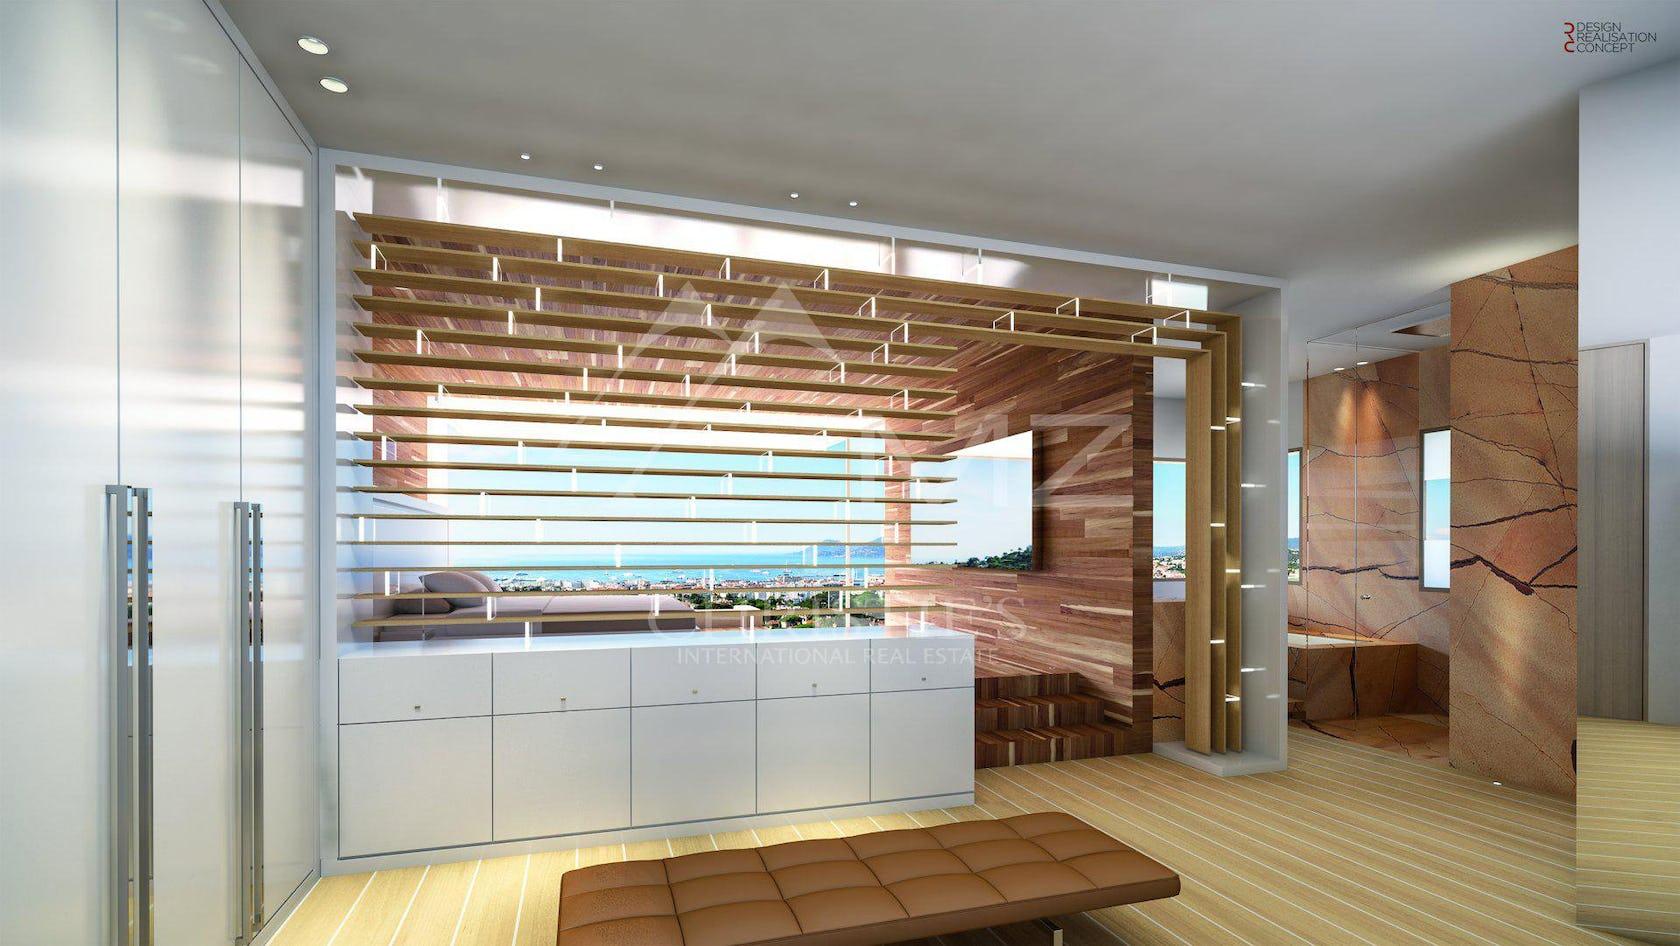 interior design indoors wood flooring lobby room floor furniture hardwood